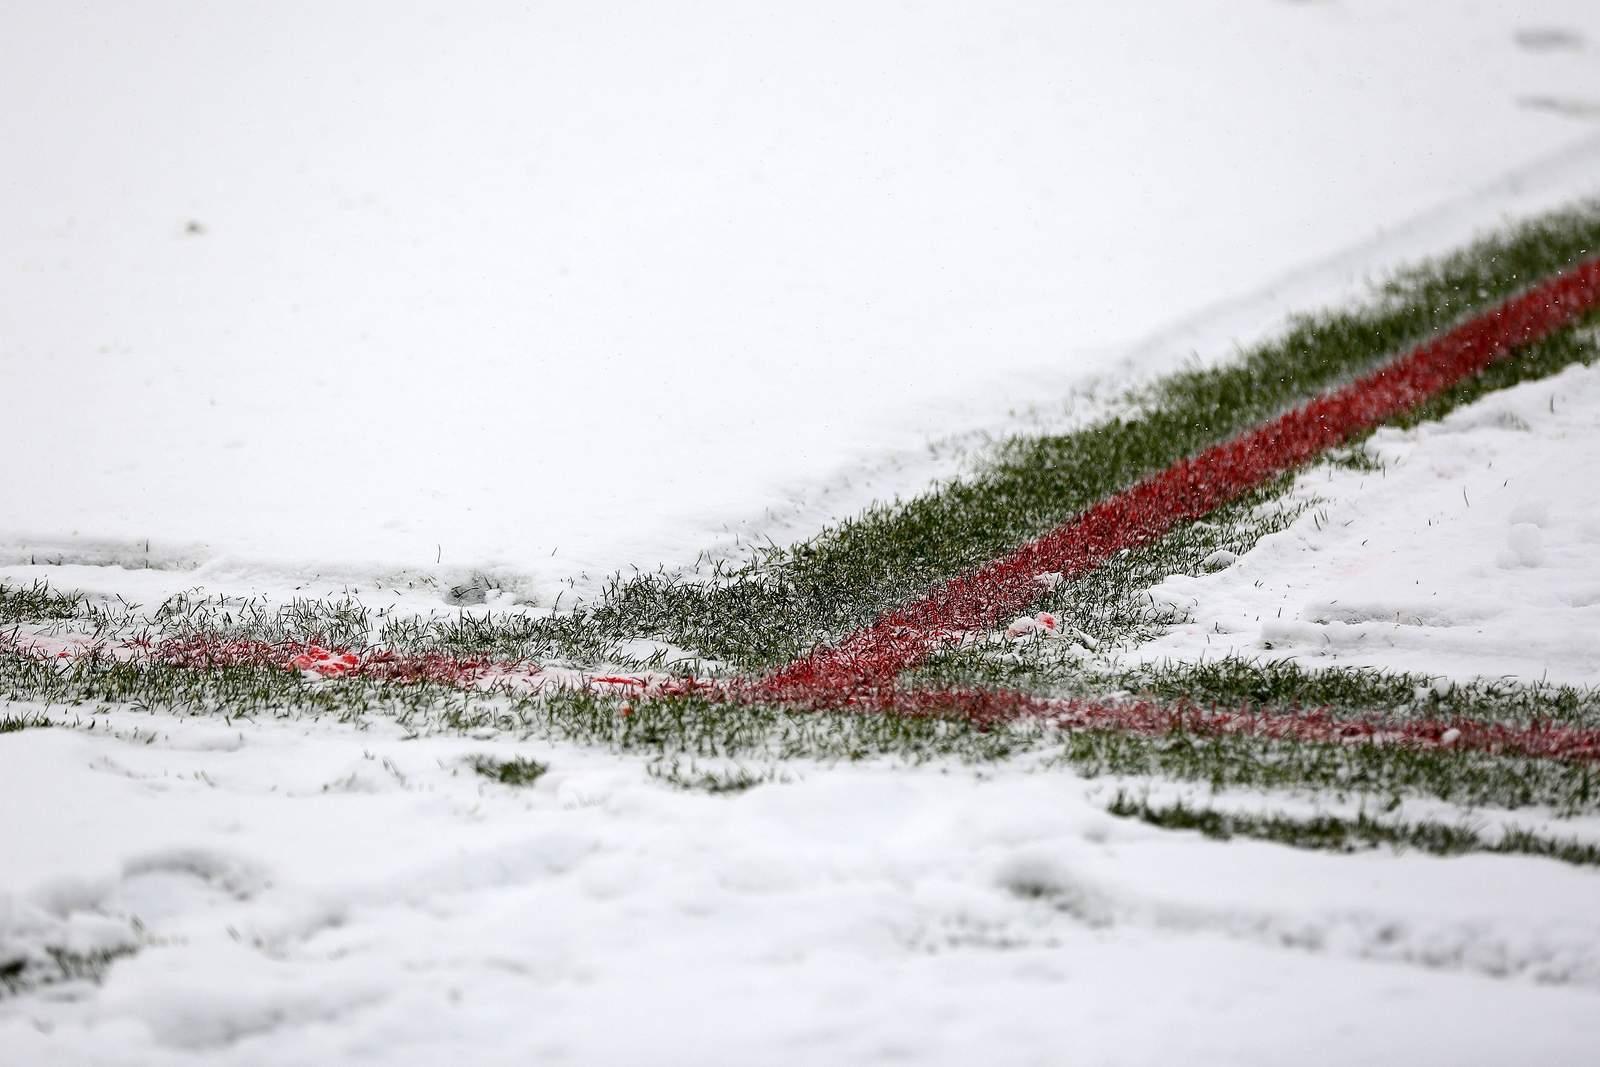 Schnee auf dem Fußballplatz.